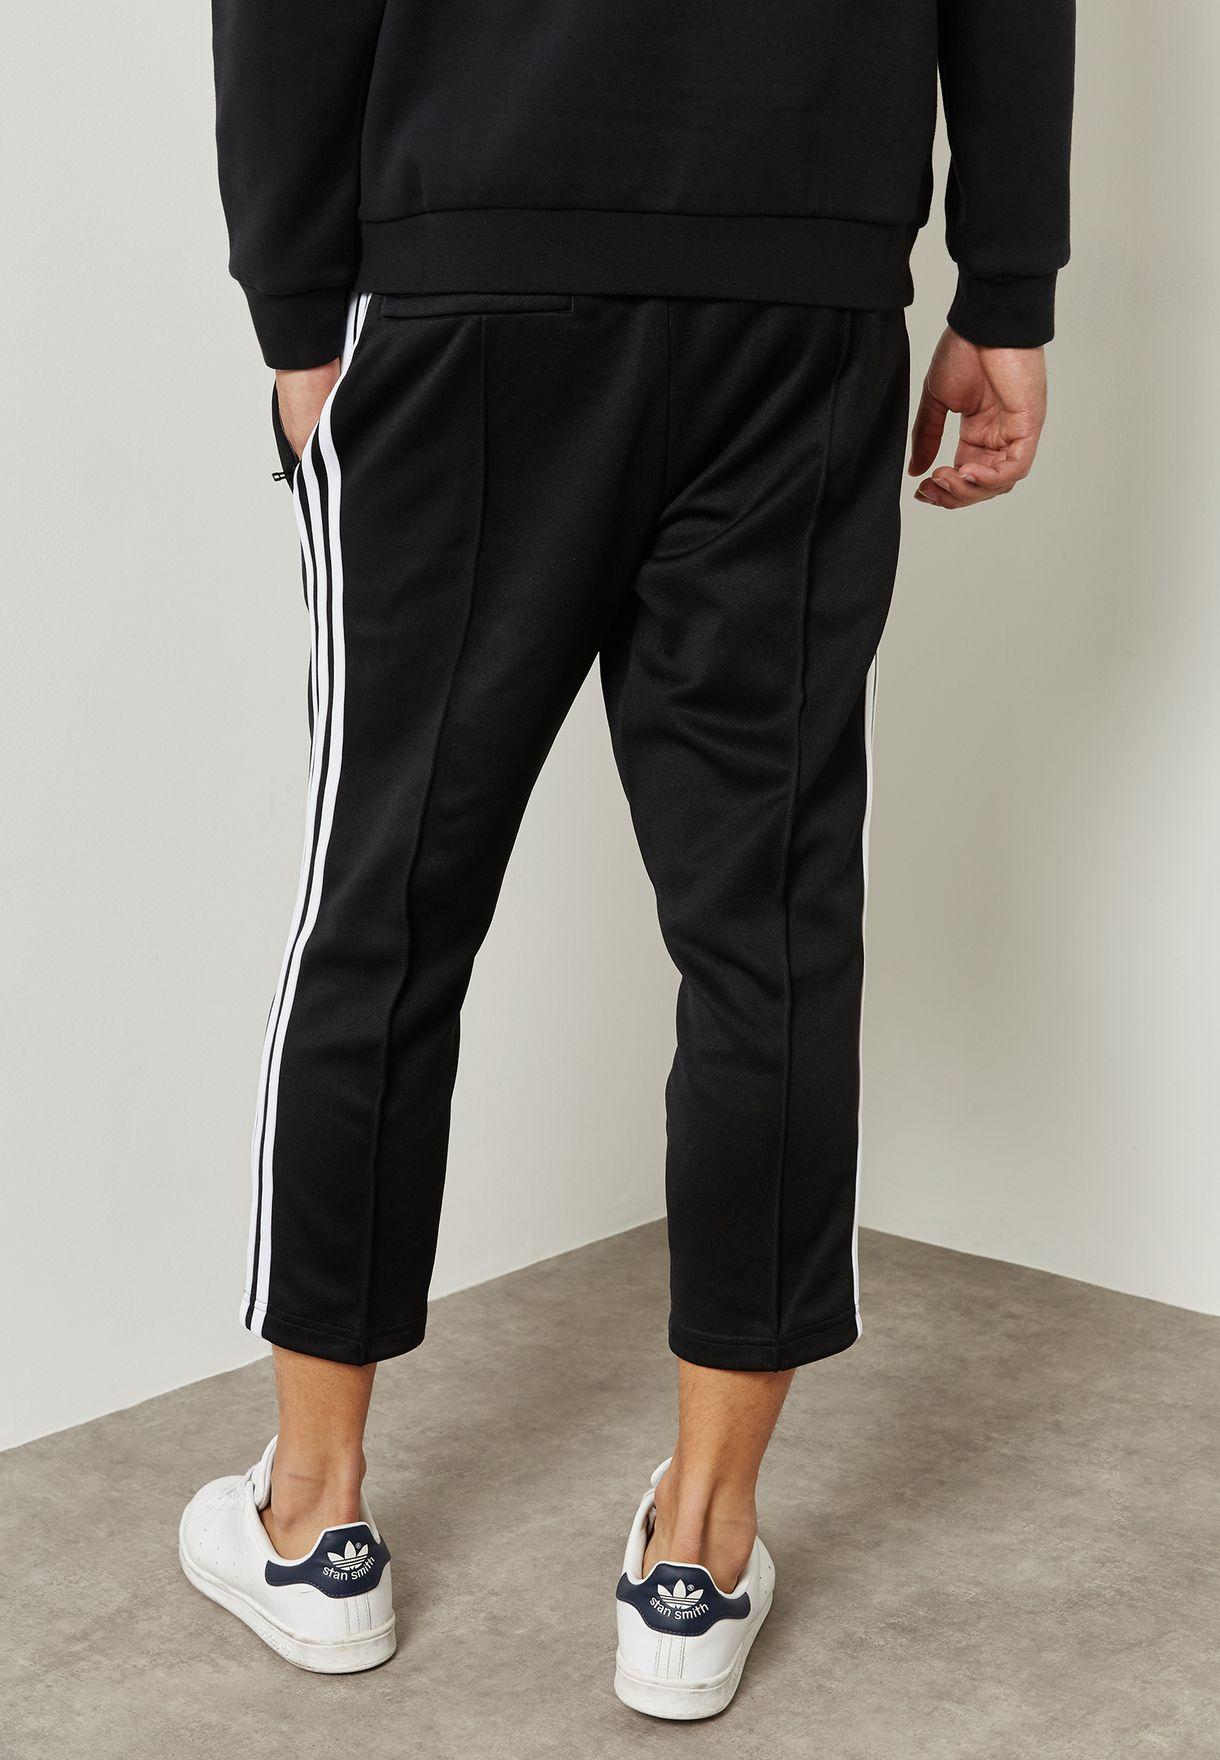 Superstar Relax Crop Sweatpants